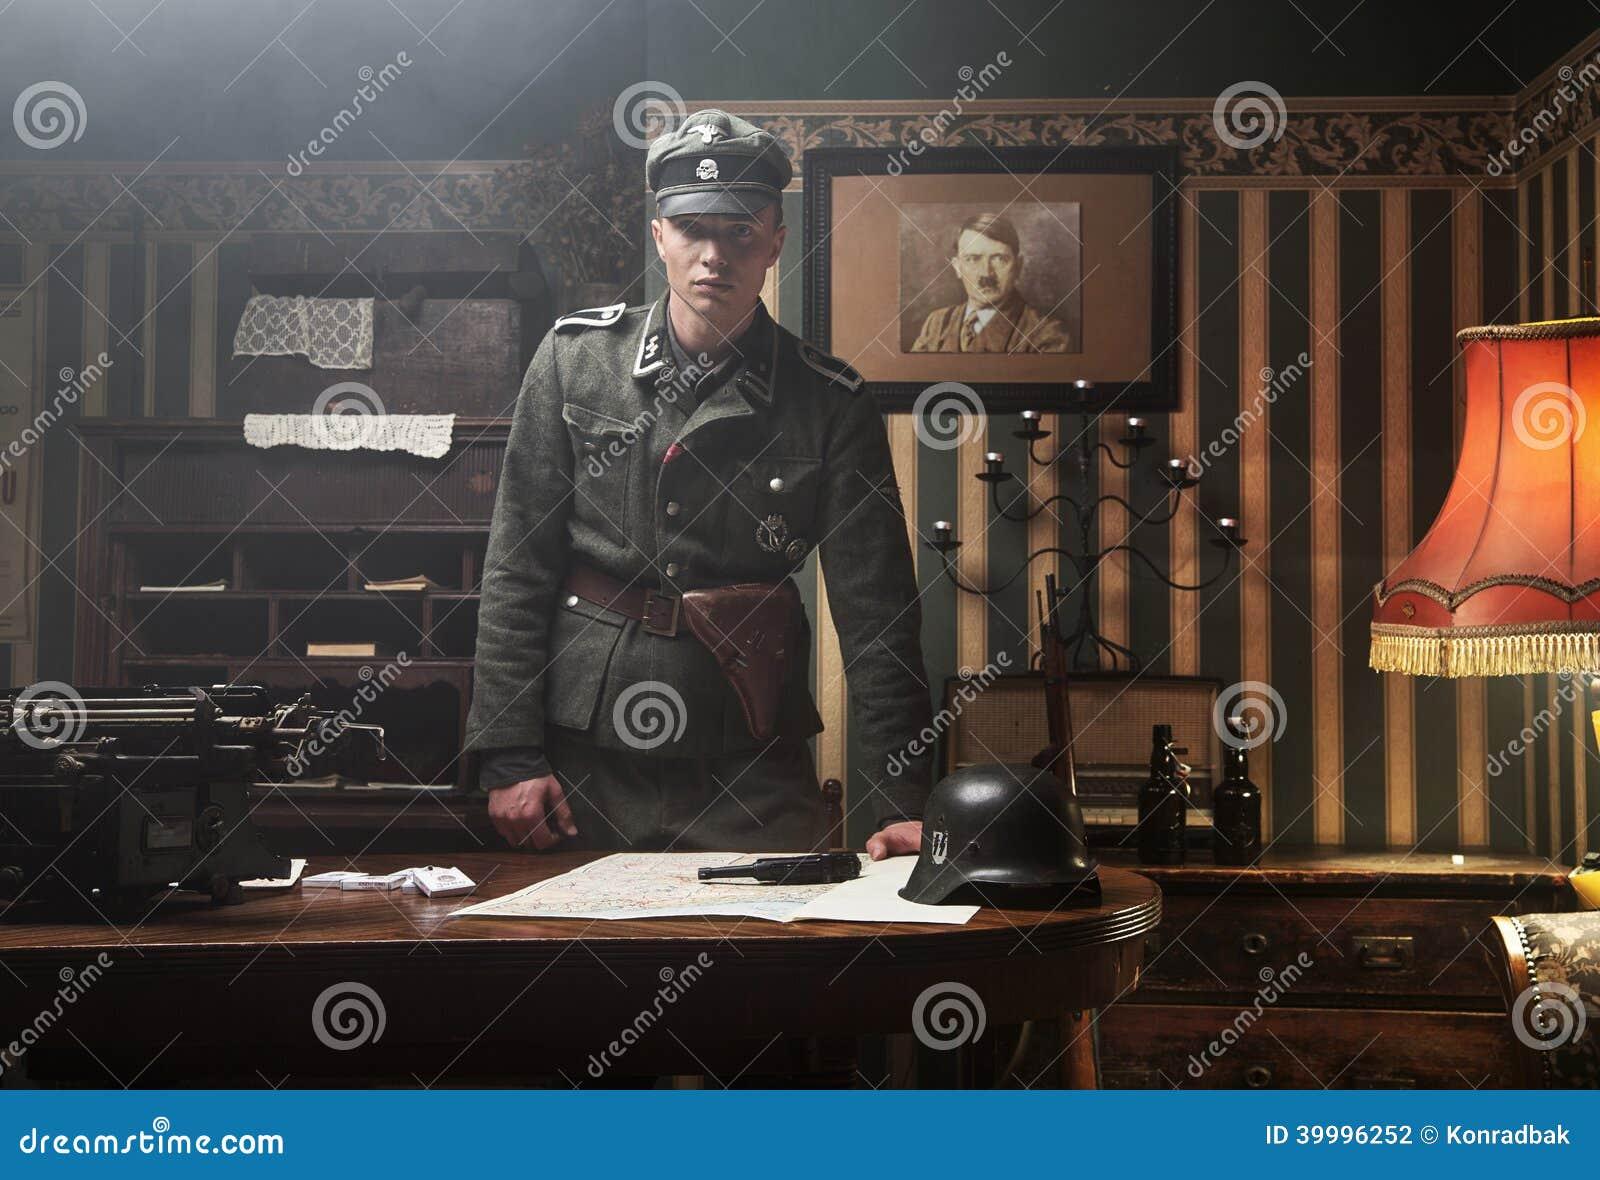 Ufficio In Tedesco : Soldato tedesco biondo alto nel suo ufficio fotografia stock